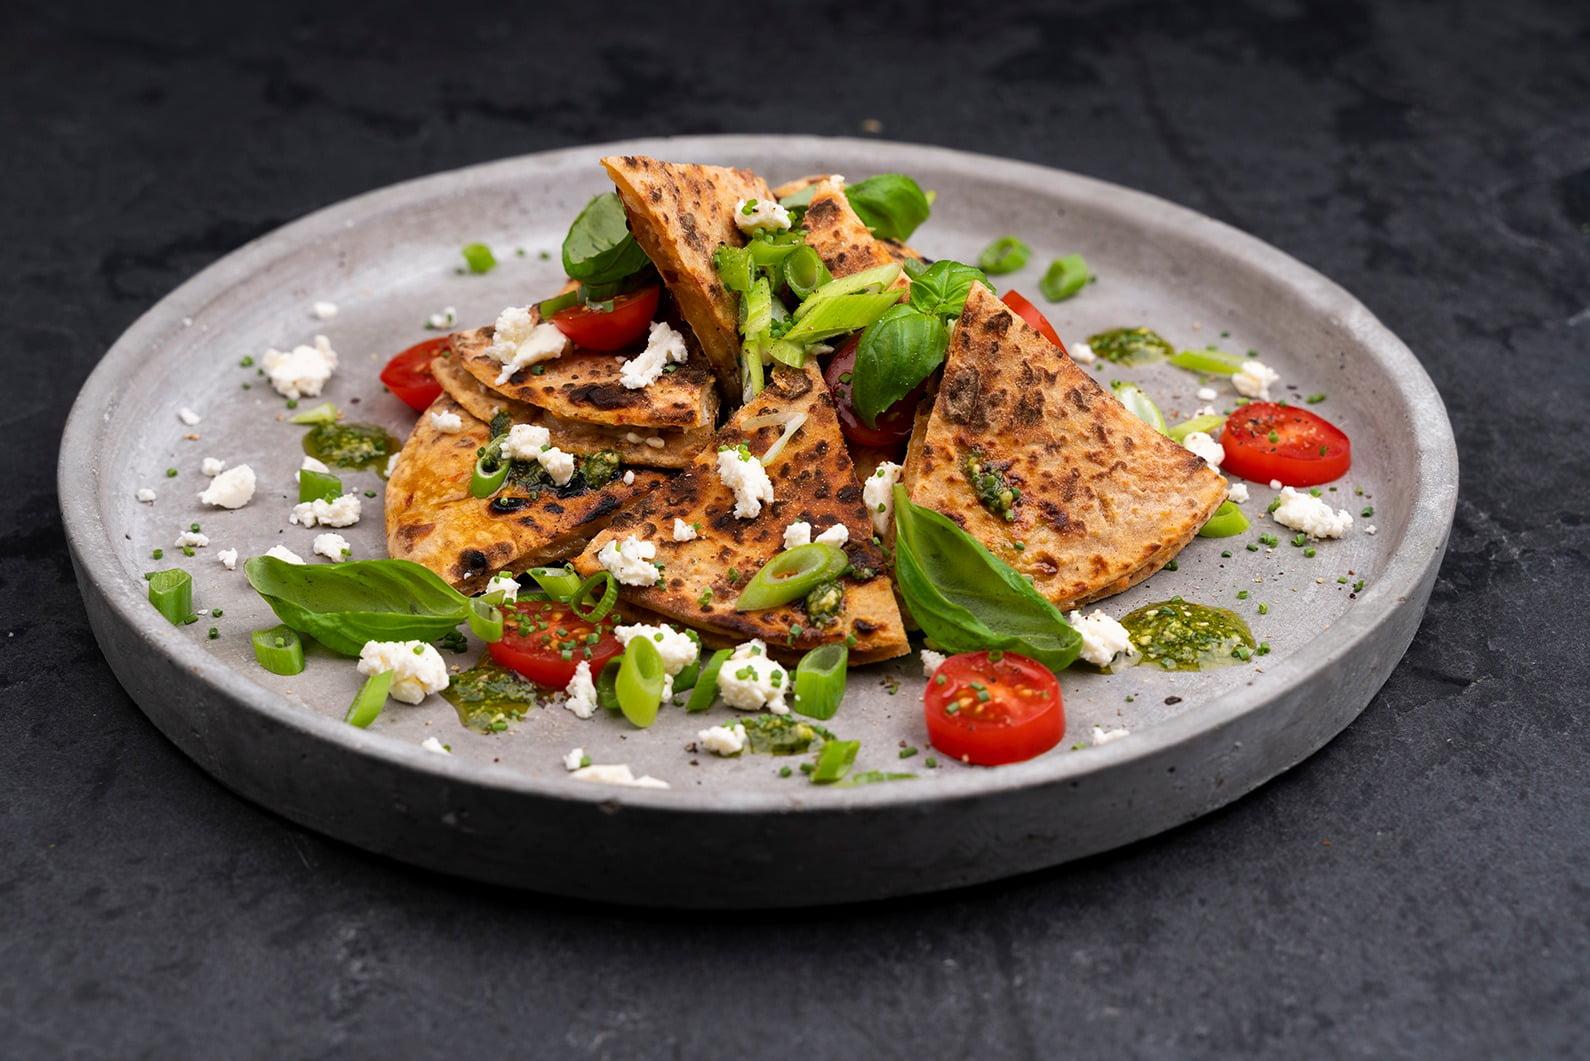 Fines herbes, Leaf vegetable, Food, Tableware, Ingredient, Recipe, Dishware, Cuisine, Dish